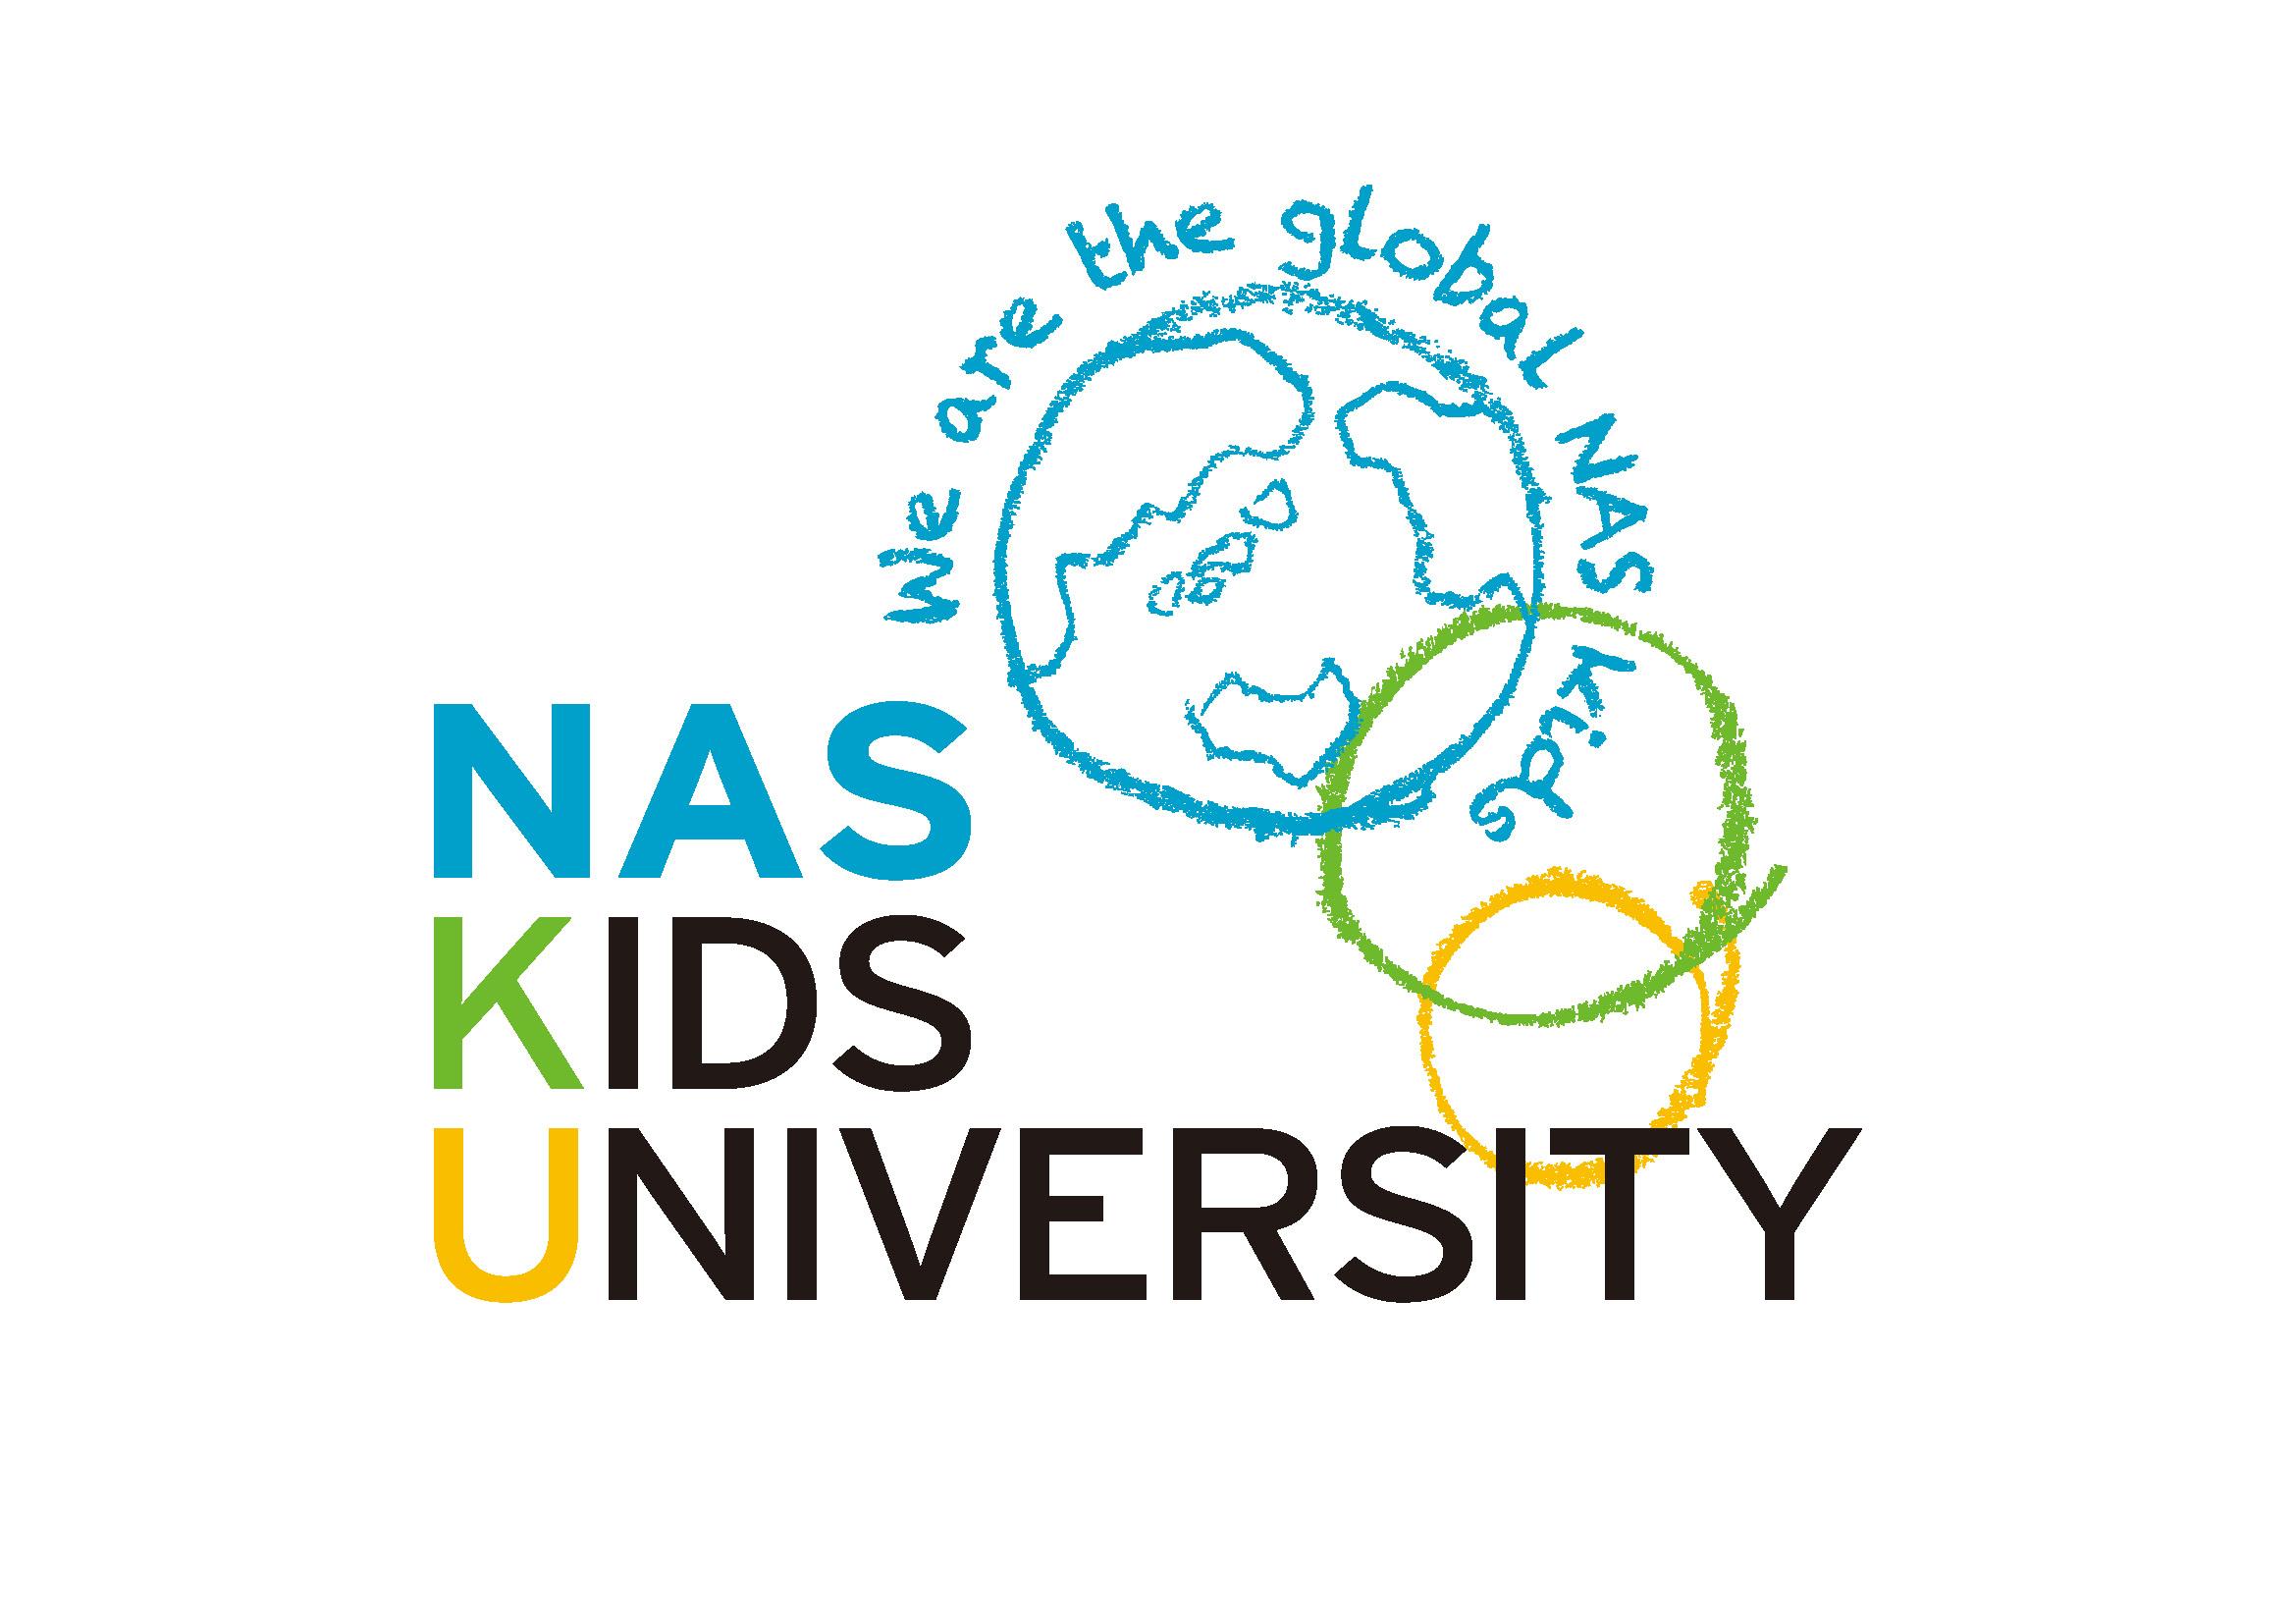 スポーツクラブNAS株式会社(スクール名:NAS KIDS UNIVERSITY)